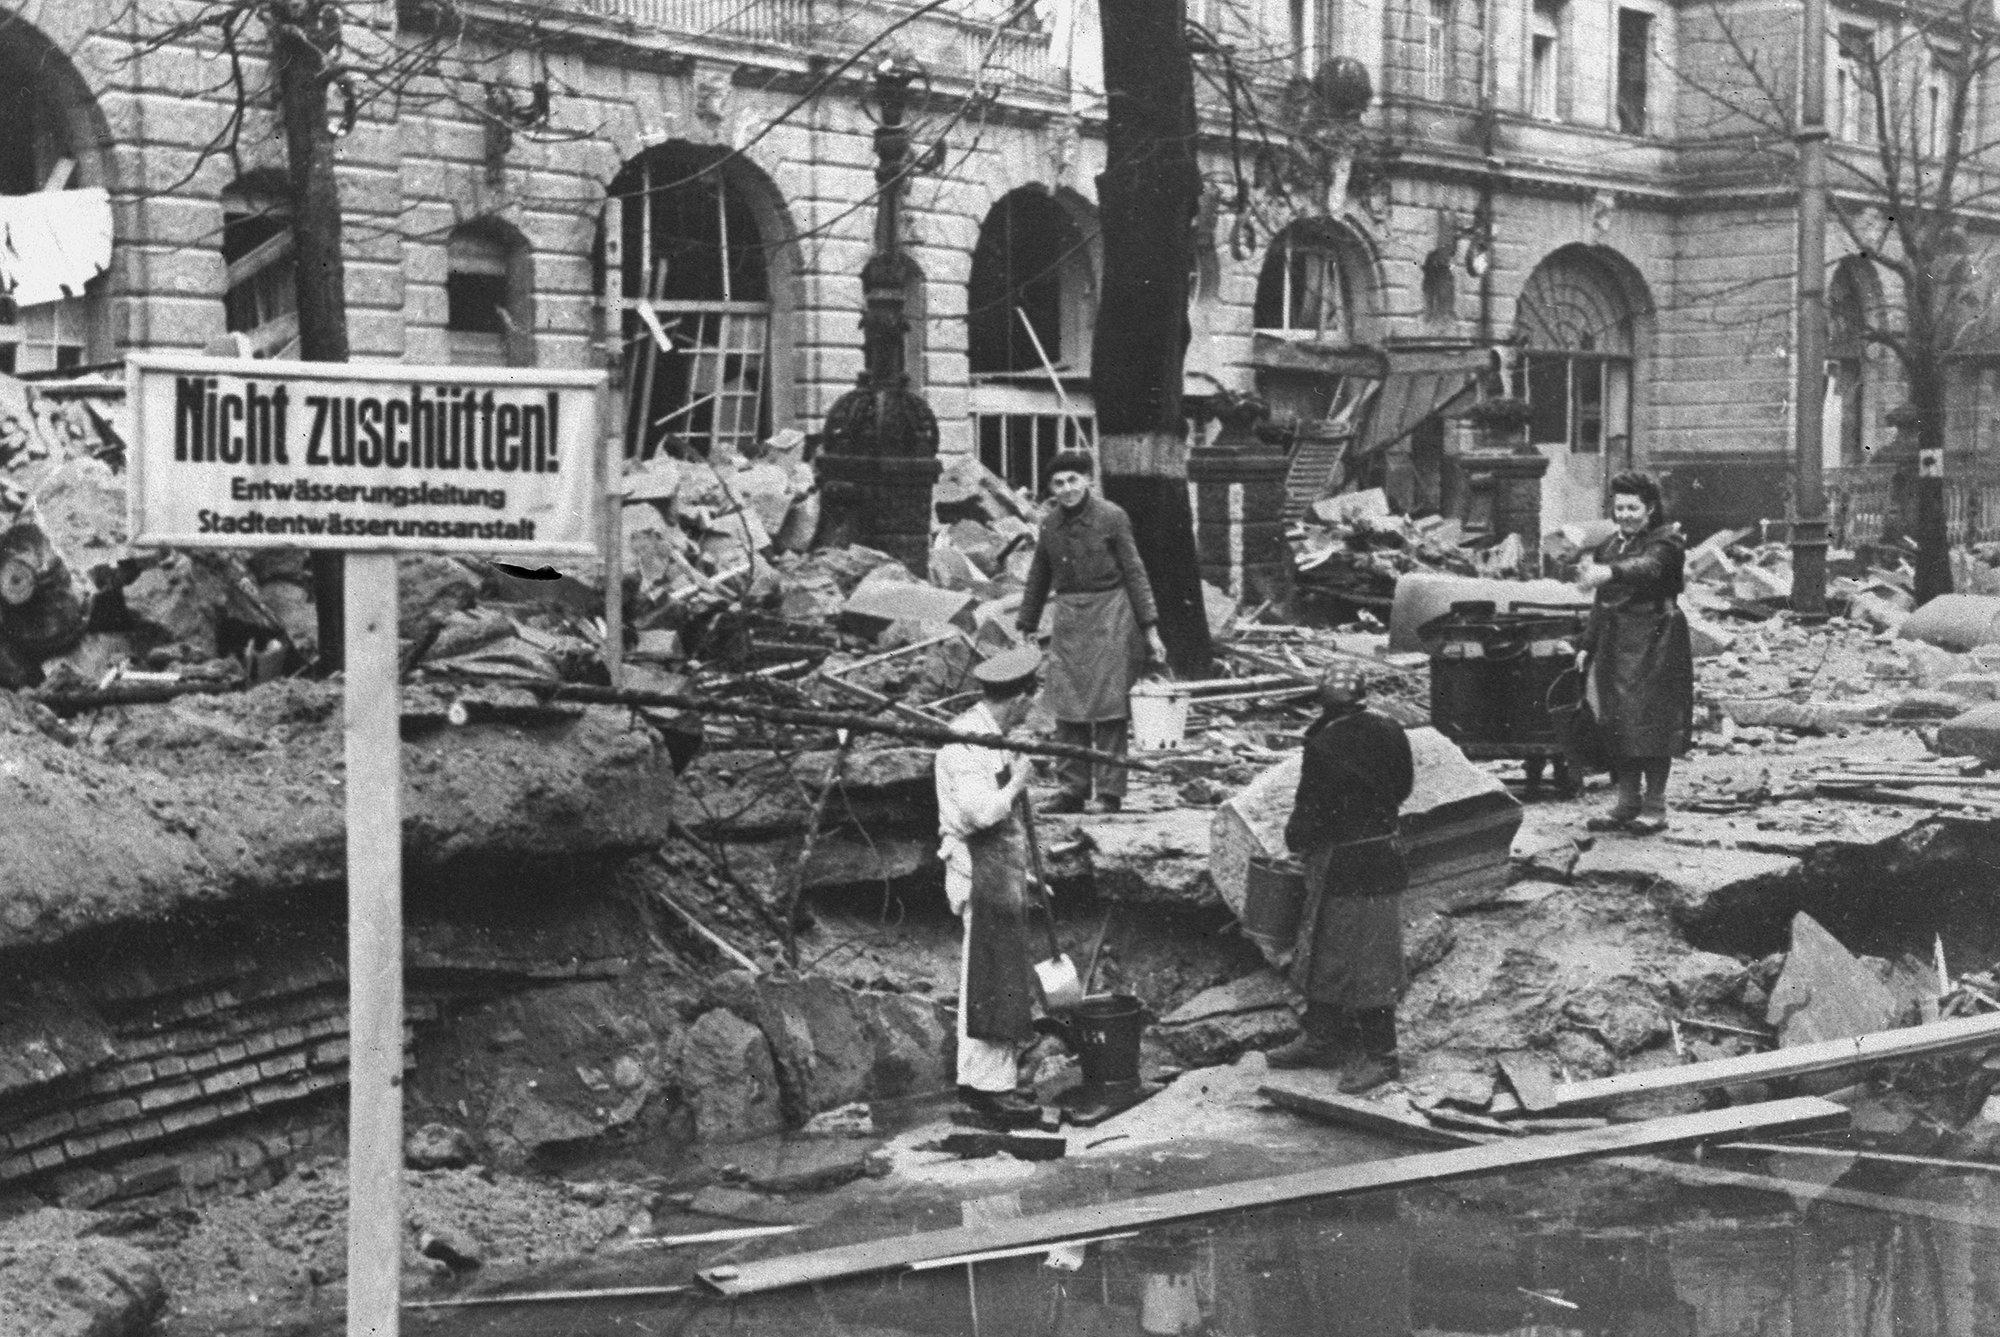 Столь цветным был Берлин после капитуляции 1945 года